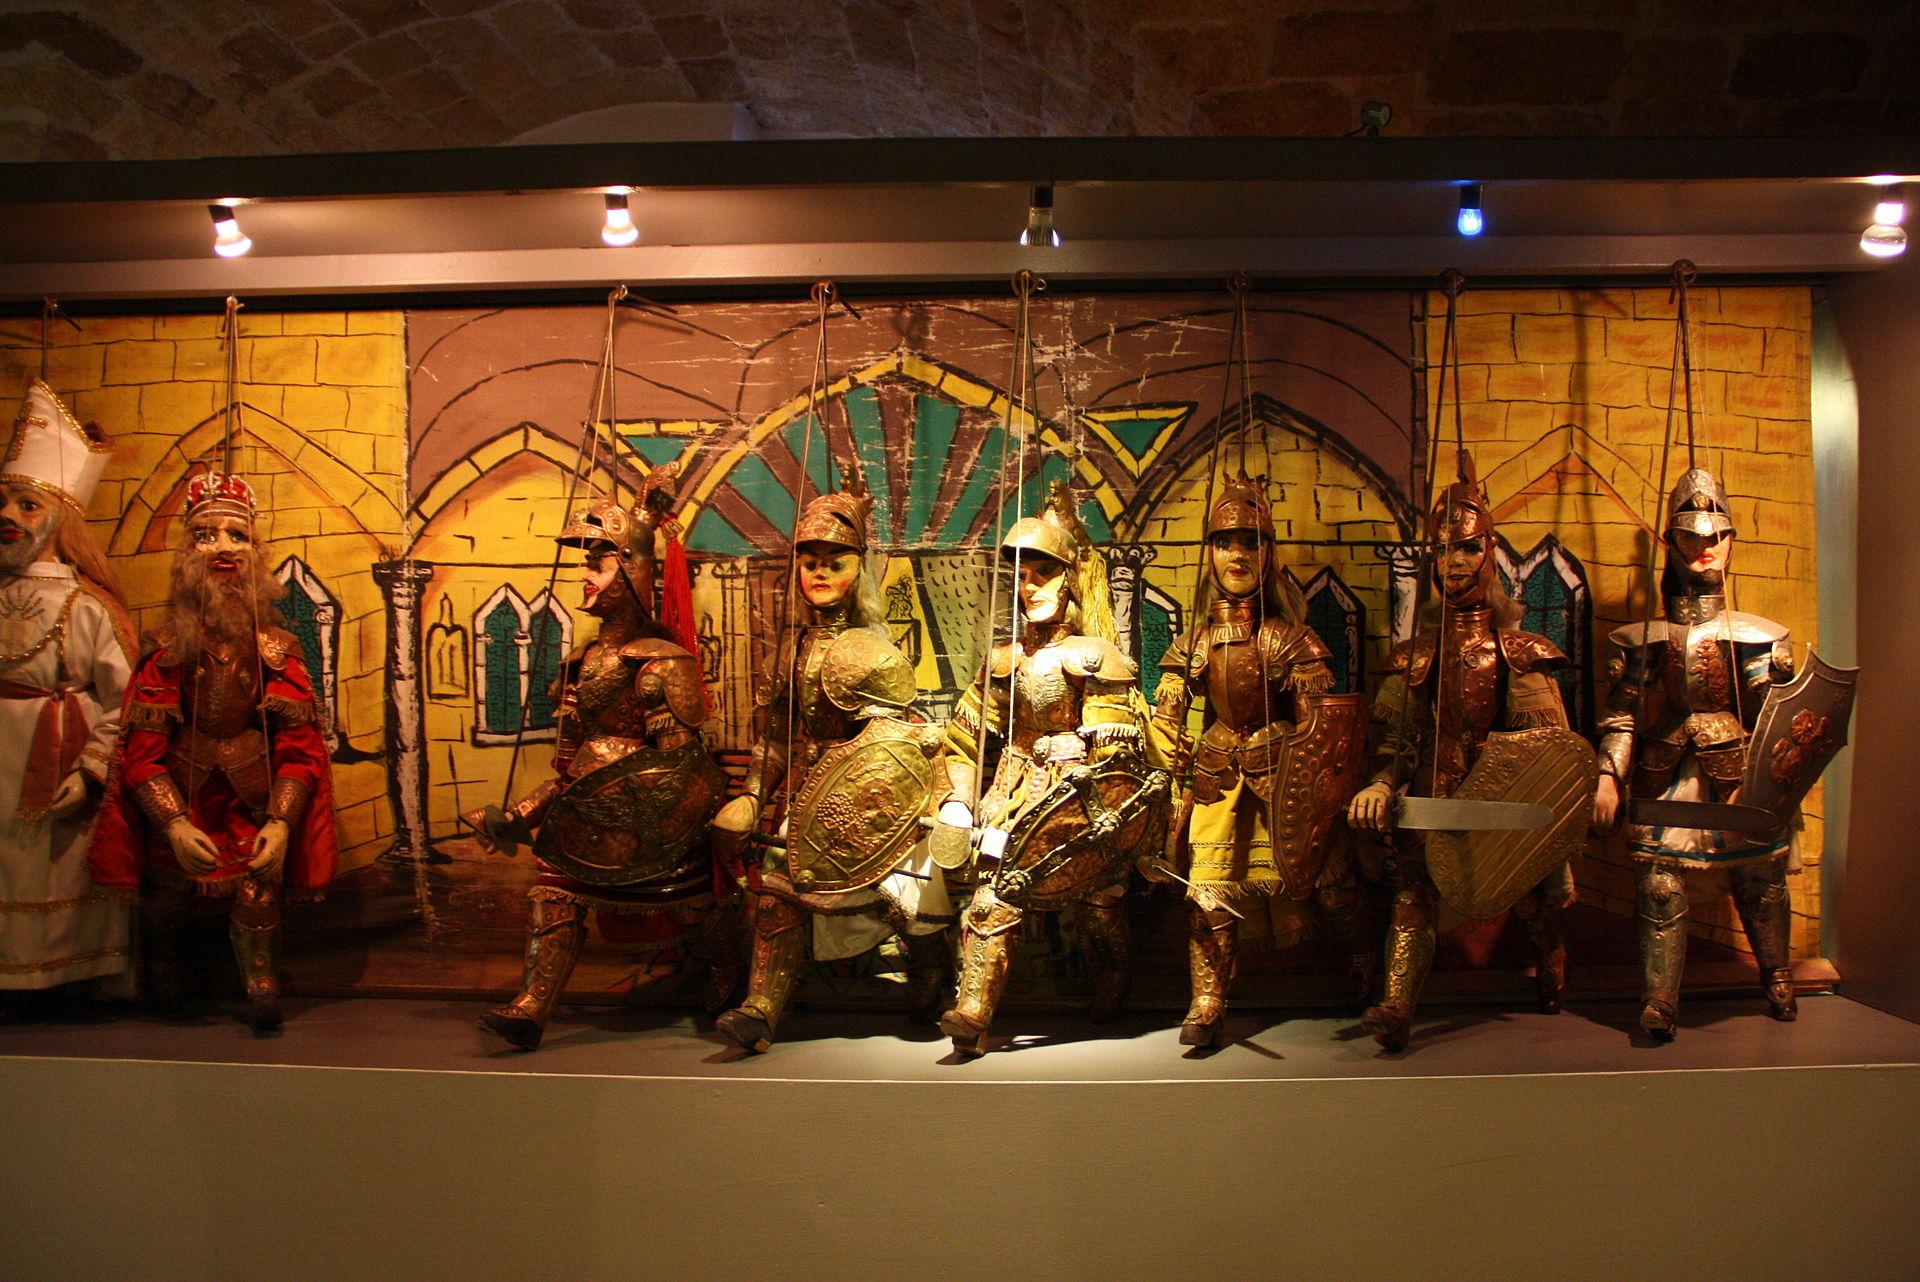 5006 - Museo dei pupi a Siracusa - Foto Giovanni Dall'Orto, 21 marzo 2014.jpg